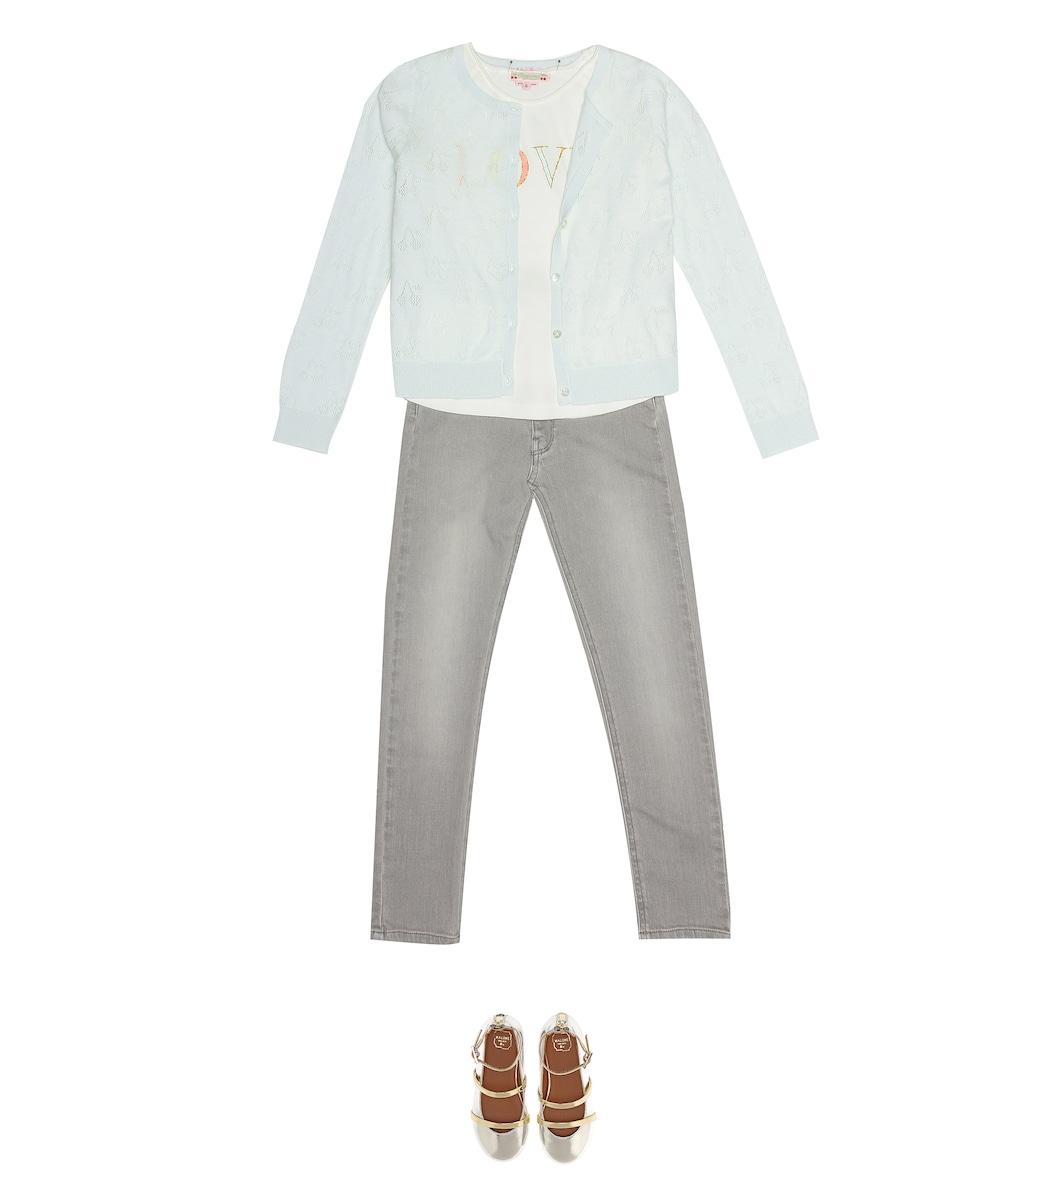 d3c581c80 Bonpoint - Pointelle cotton cardigan